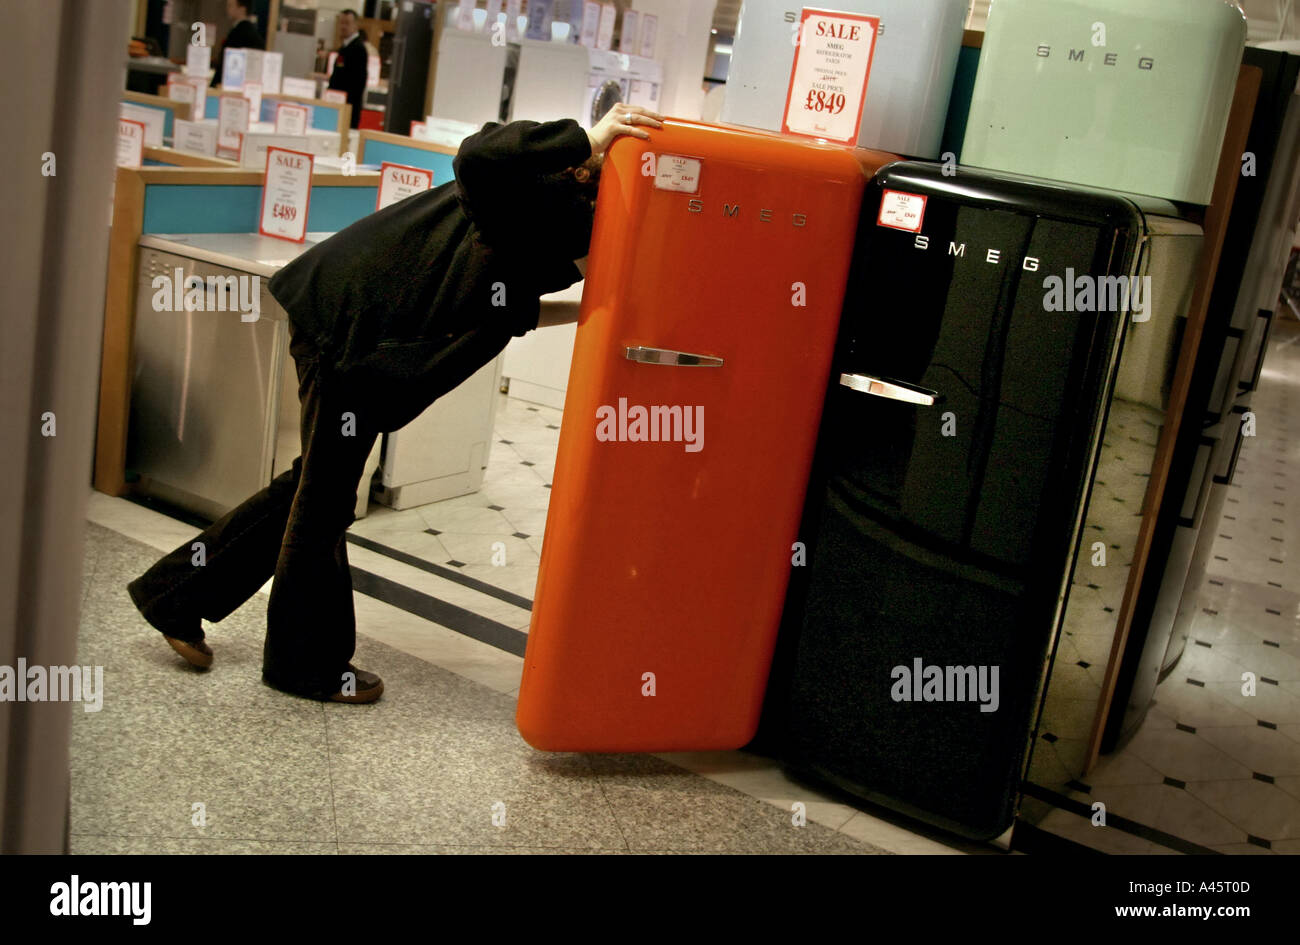 Smeg Kühlschrank Verkaufen : Eine shopper schaut in den kühlschrank im angebot der harrods